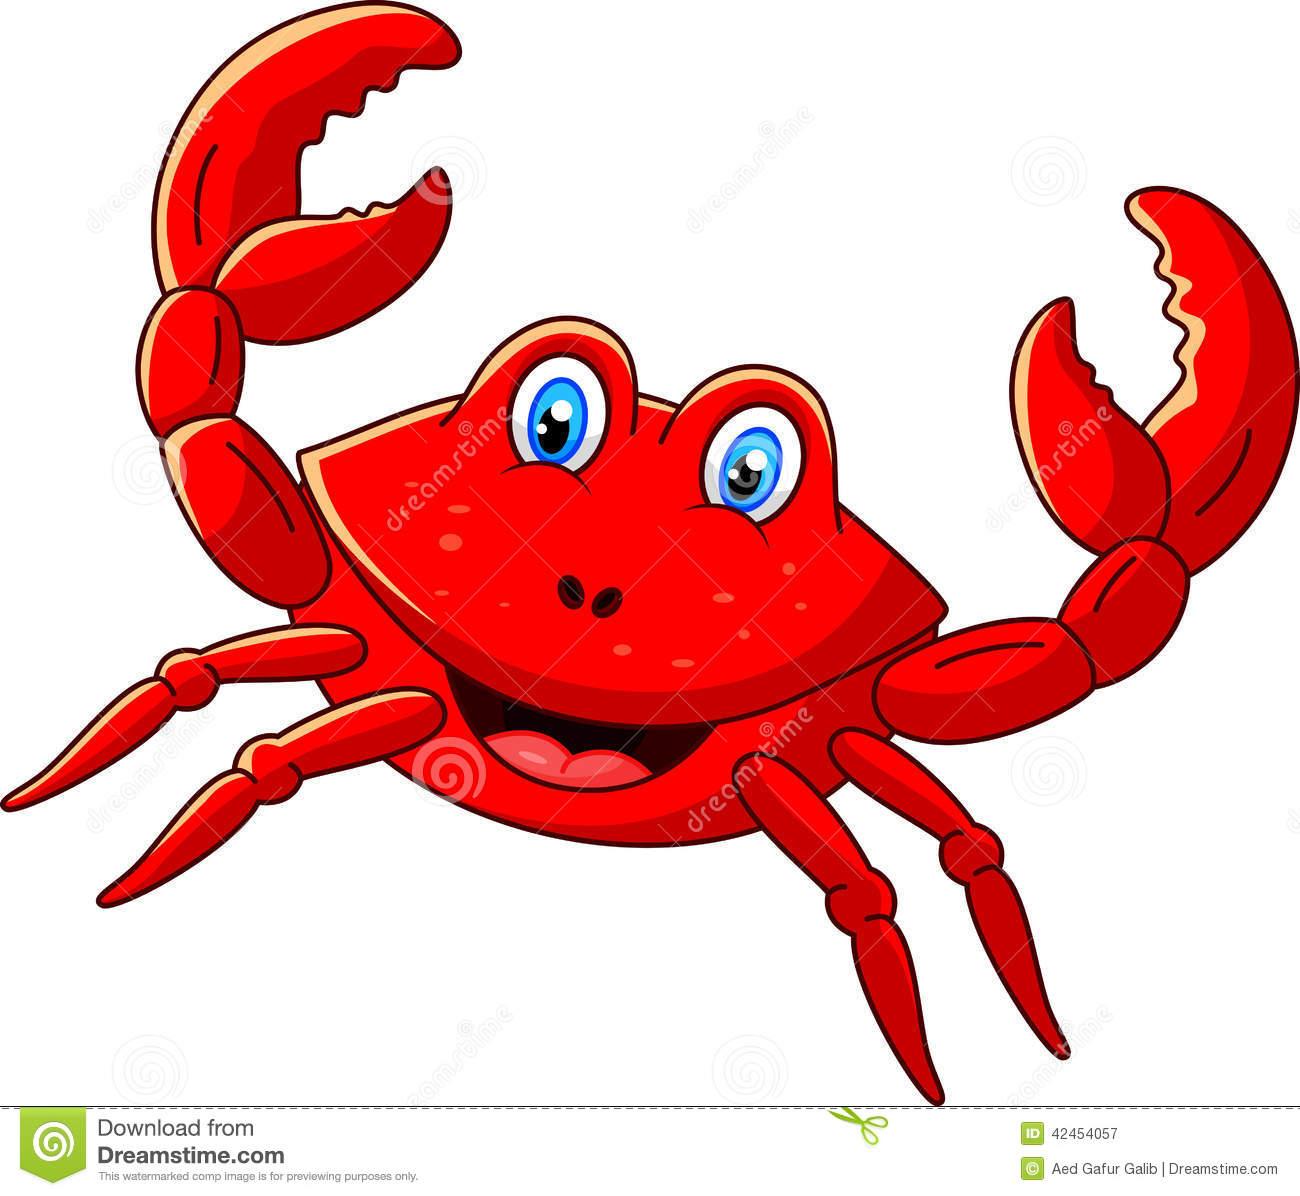 Cute Blue Crab Clipart Cute .-Cute Blue Crab Clipart Cute .-17